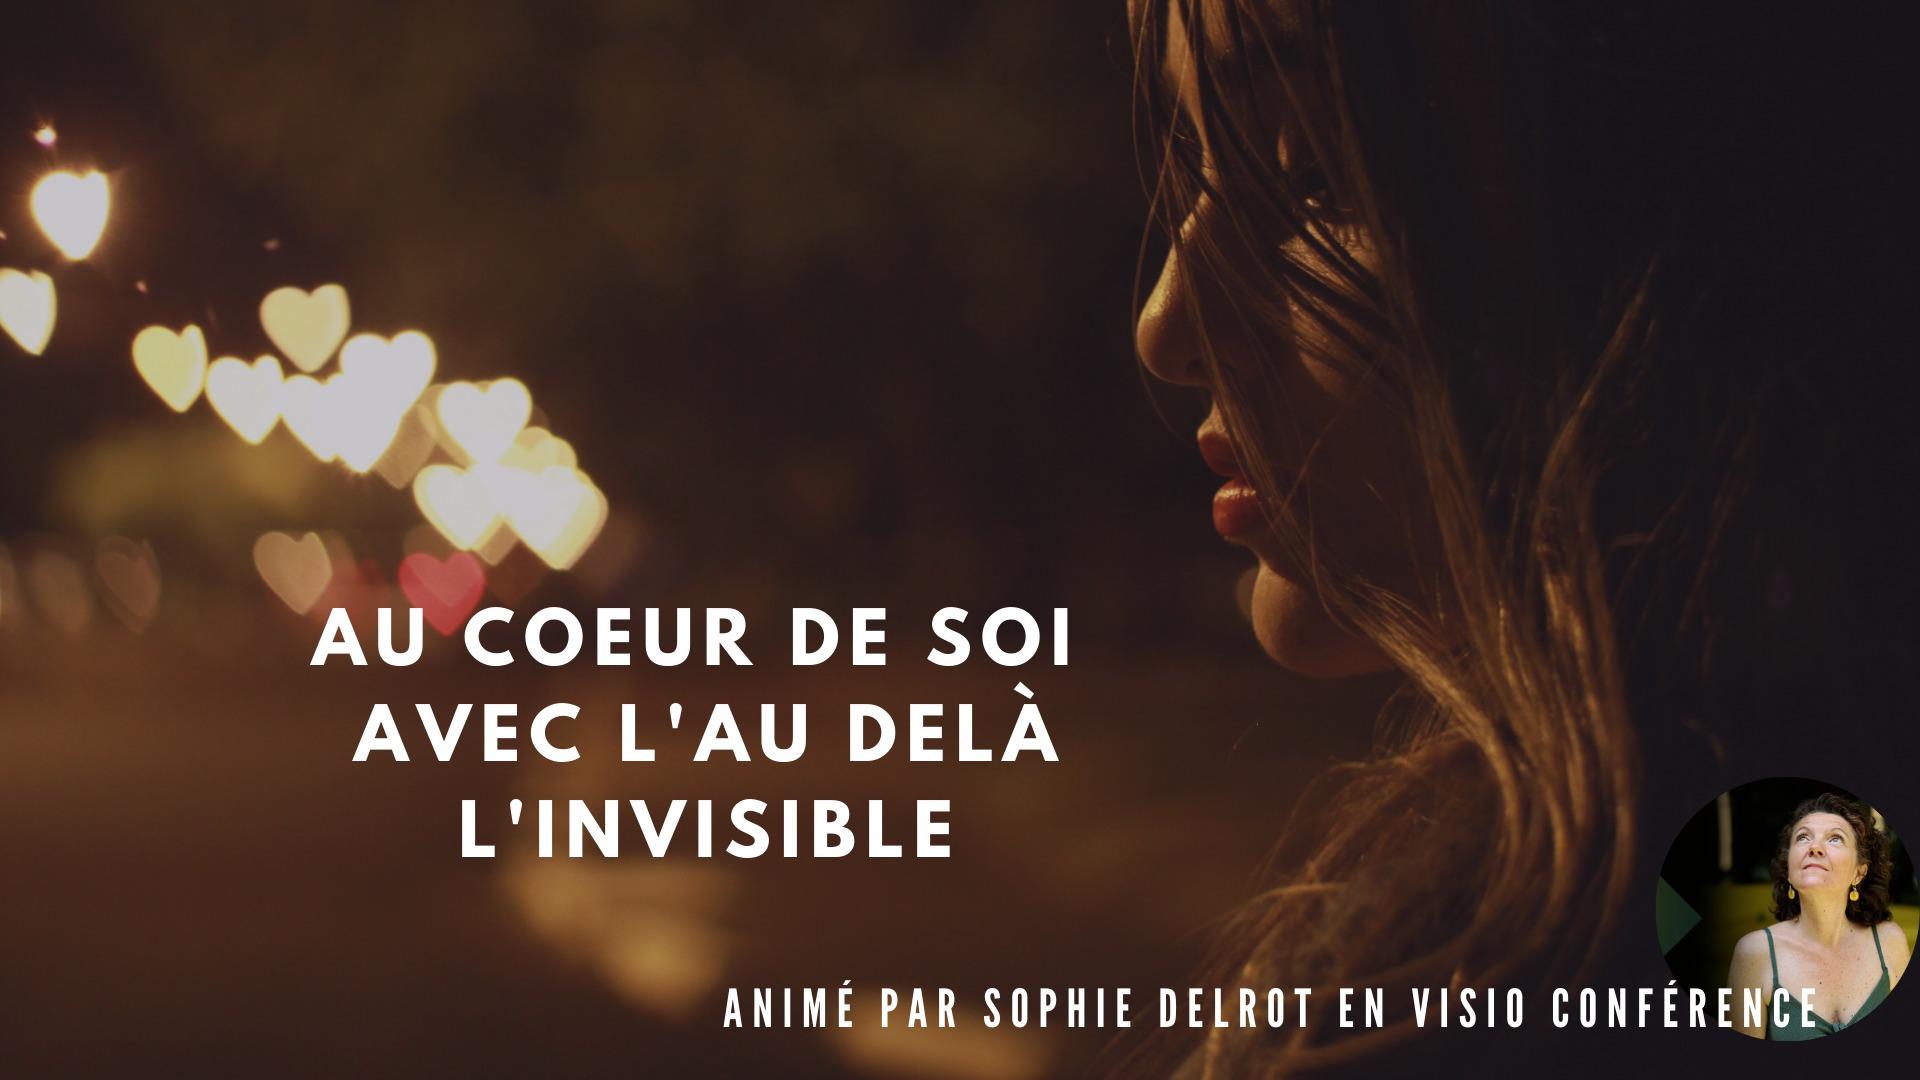 Atelier proposé par  En'Vie animé par  Sophie DELROT en visio conférence via ZOOM ! Tel un explorateur pour aller plus loin avec Sophie ! Au coeur de soi avec l'au delà ( l'invisible )